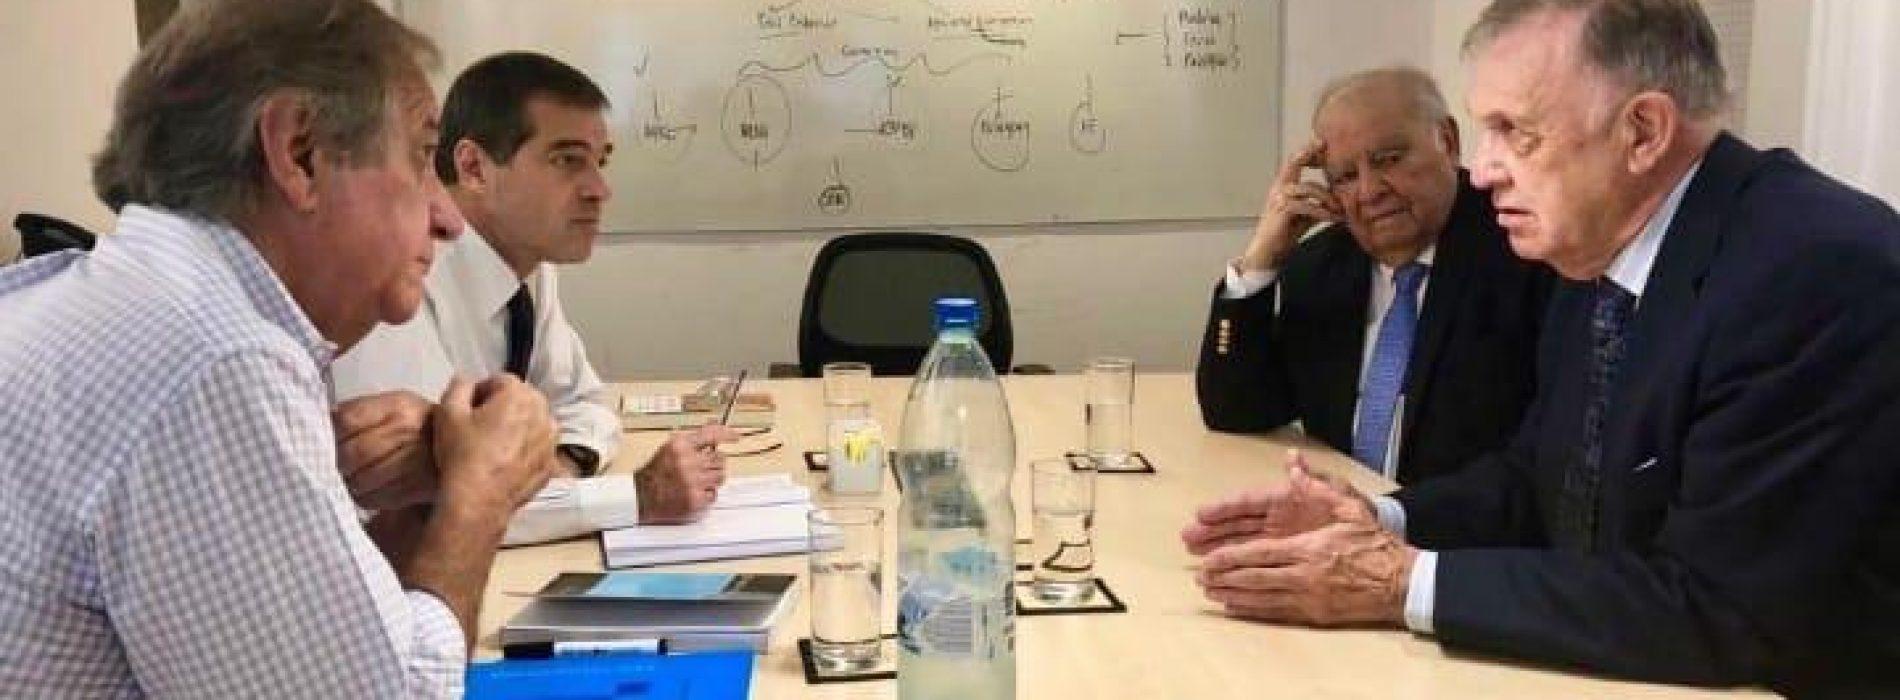 Reunión entre ex Cancilleres de la República y el Canciller designado,                 Ec. Ernesto Talvi